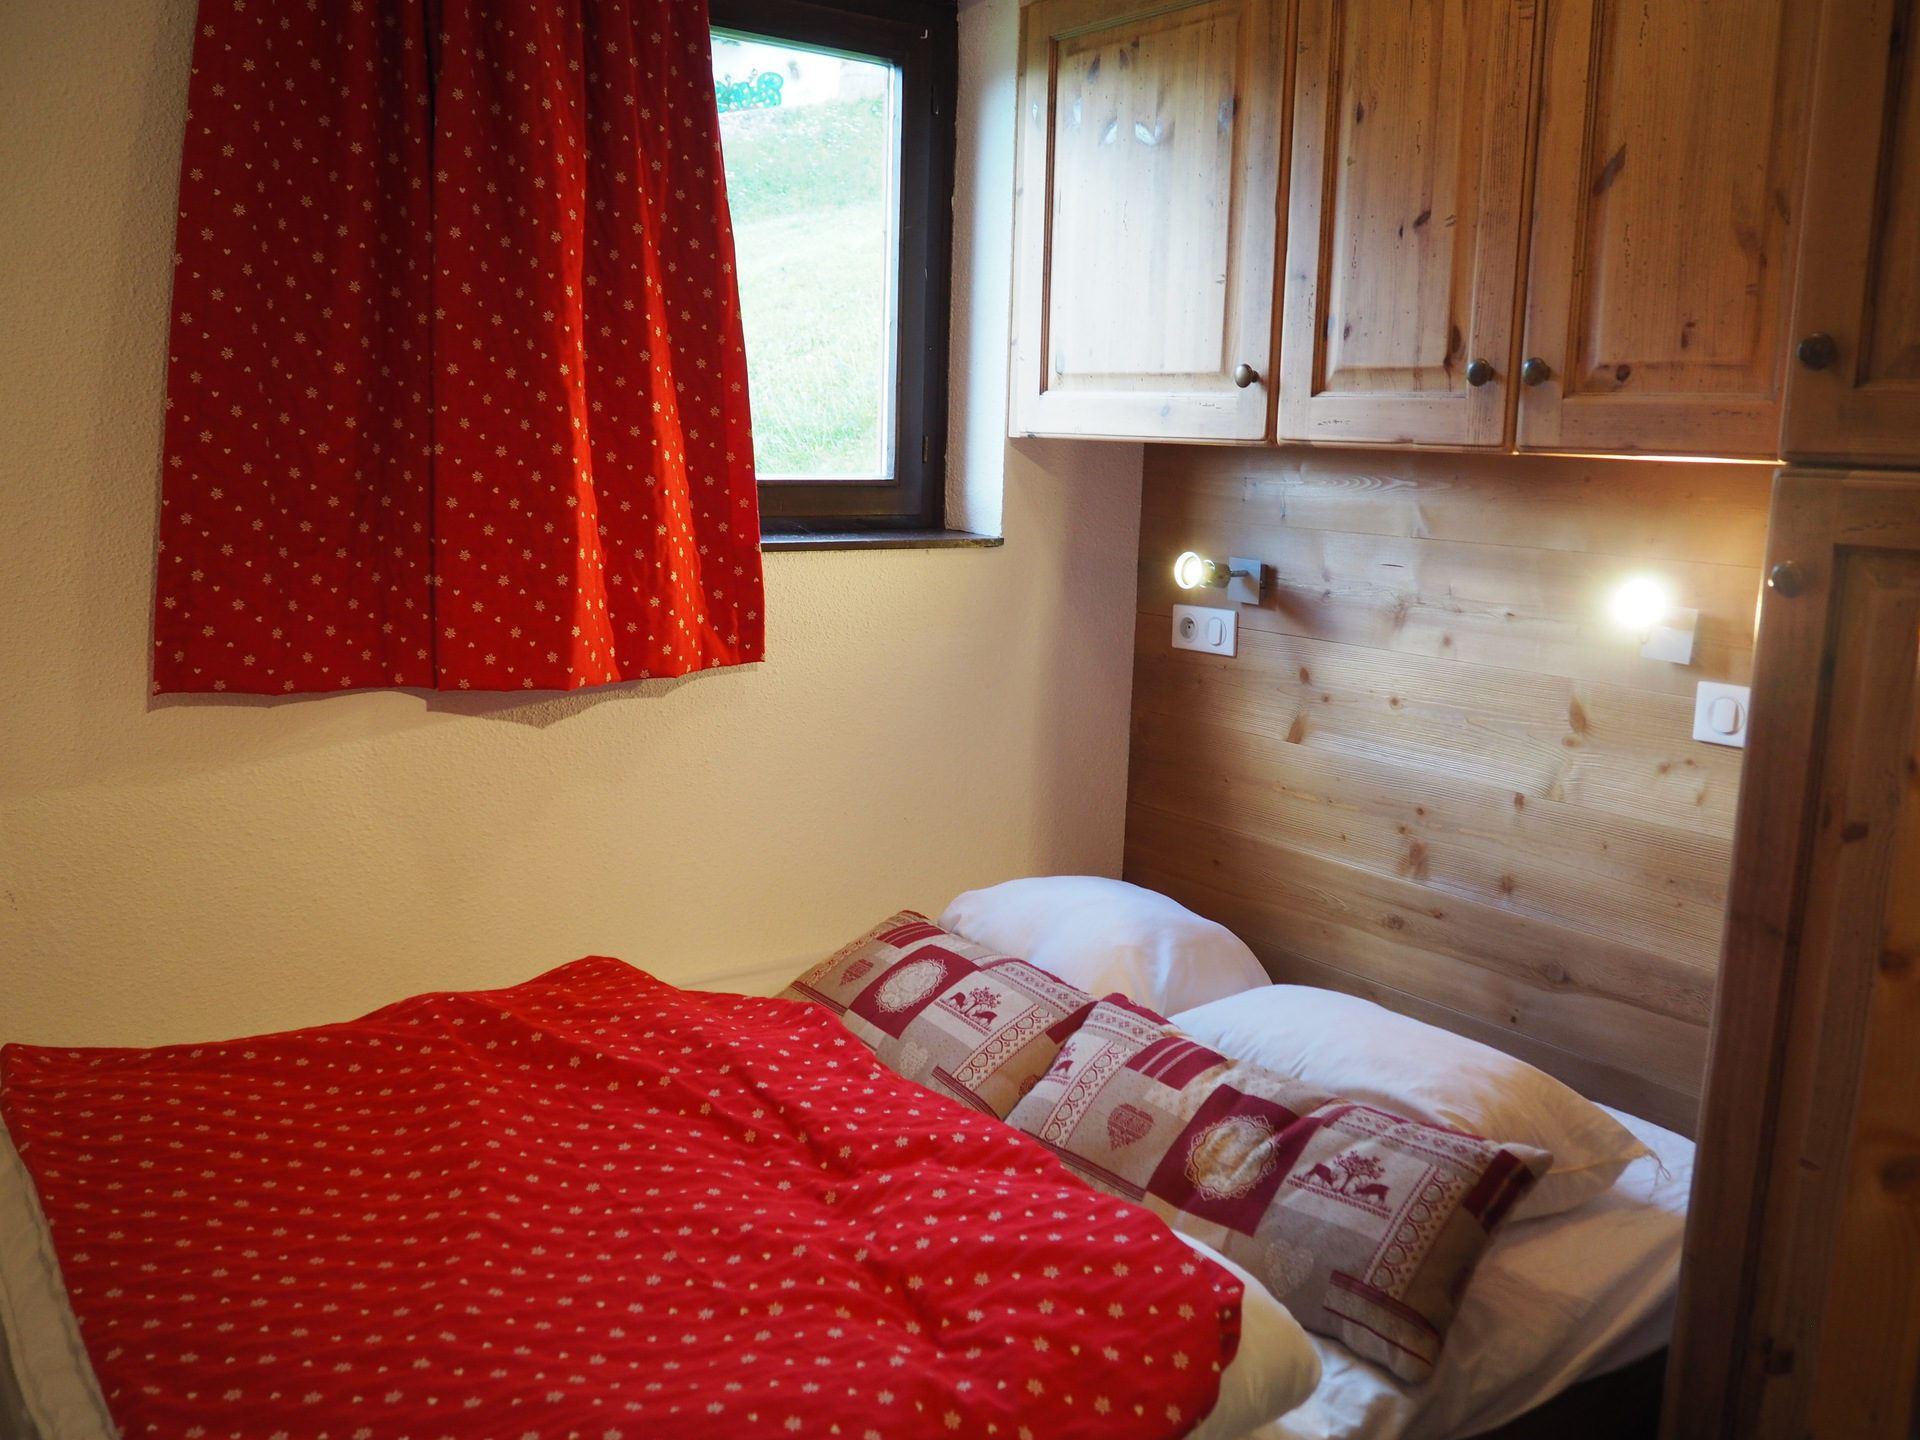 4 Pers Studio Cabin, ski-in ski-out / SKI SOLEIL 1001